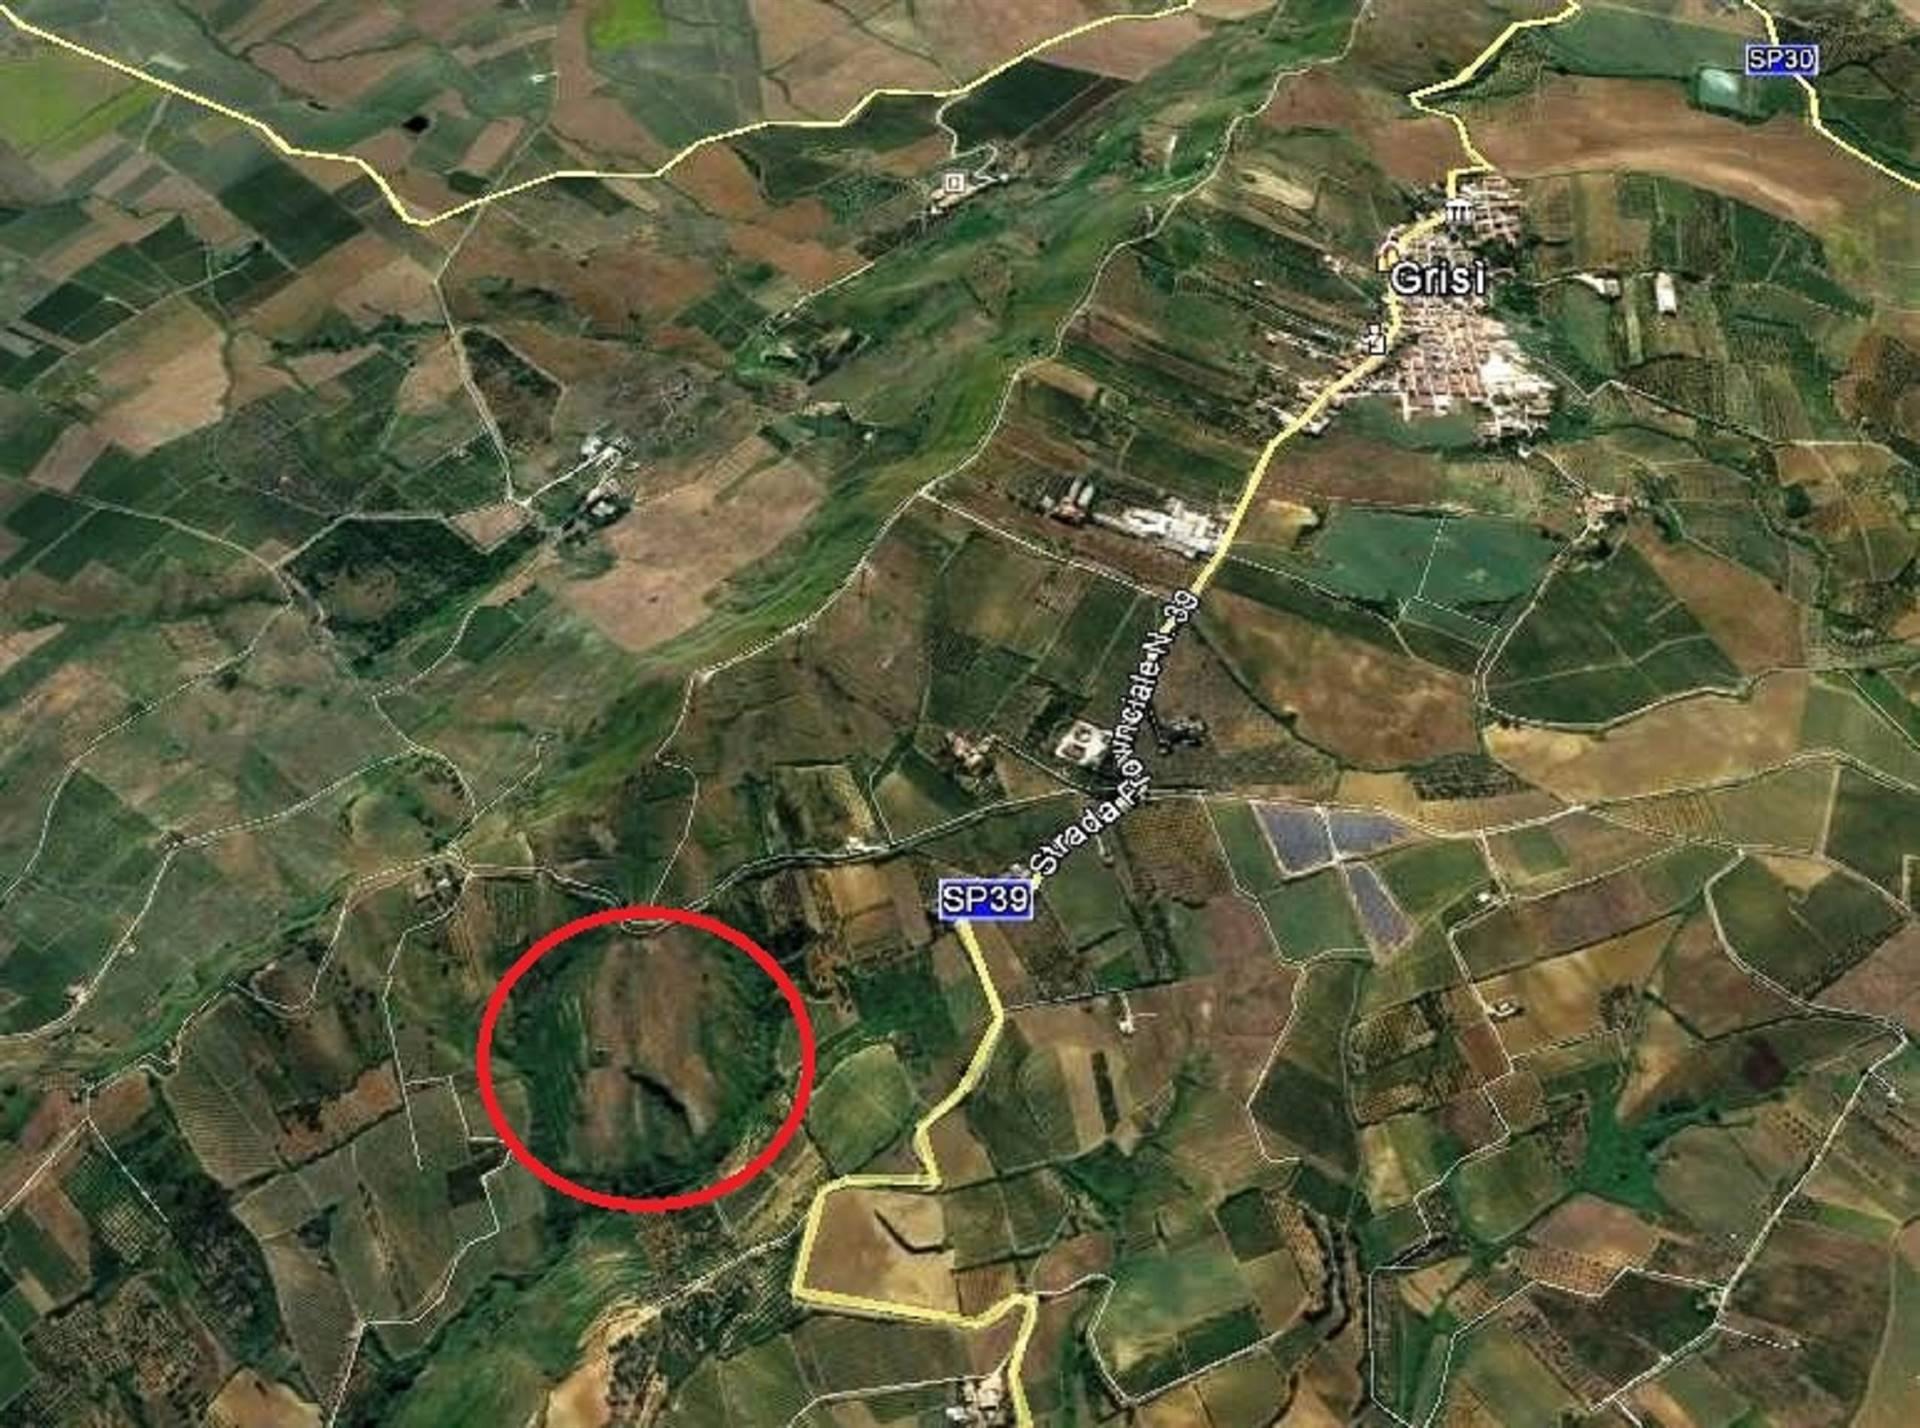 Terreno Agricolo in vendita a Partinico, 9999 locali, prezzo € 70.000 | CambioCasa.it